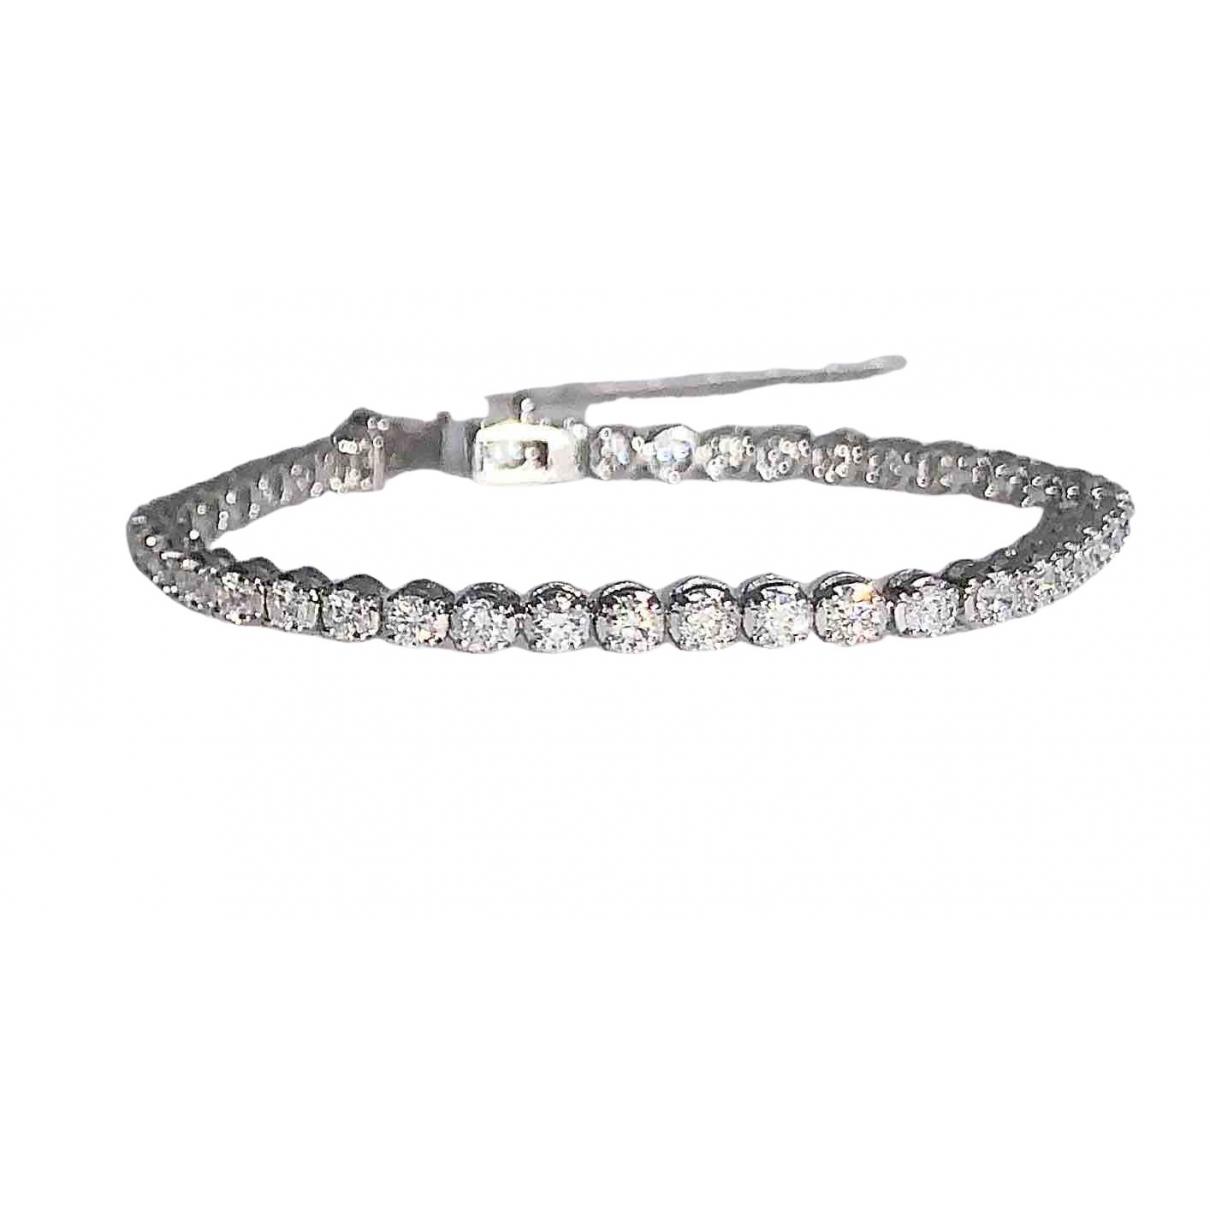 Eduard Kogen \N White White gold bracelet for Women \N